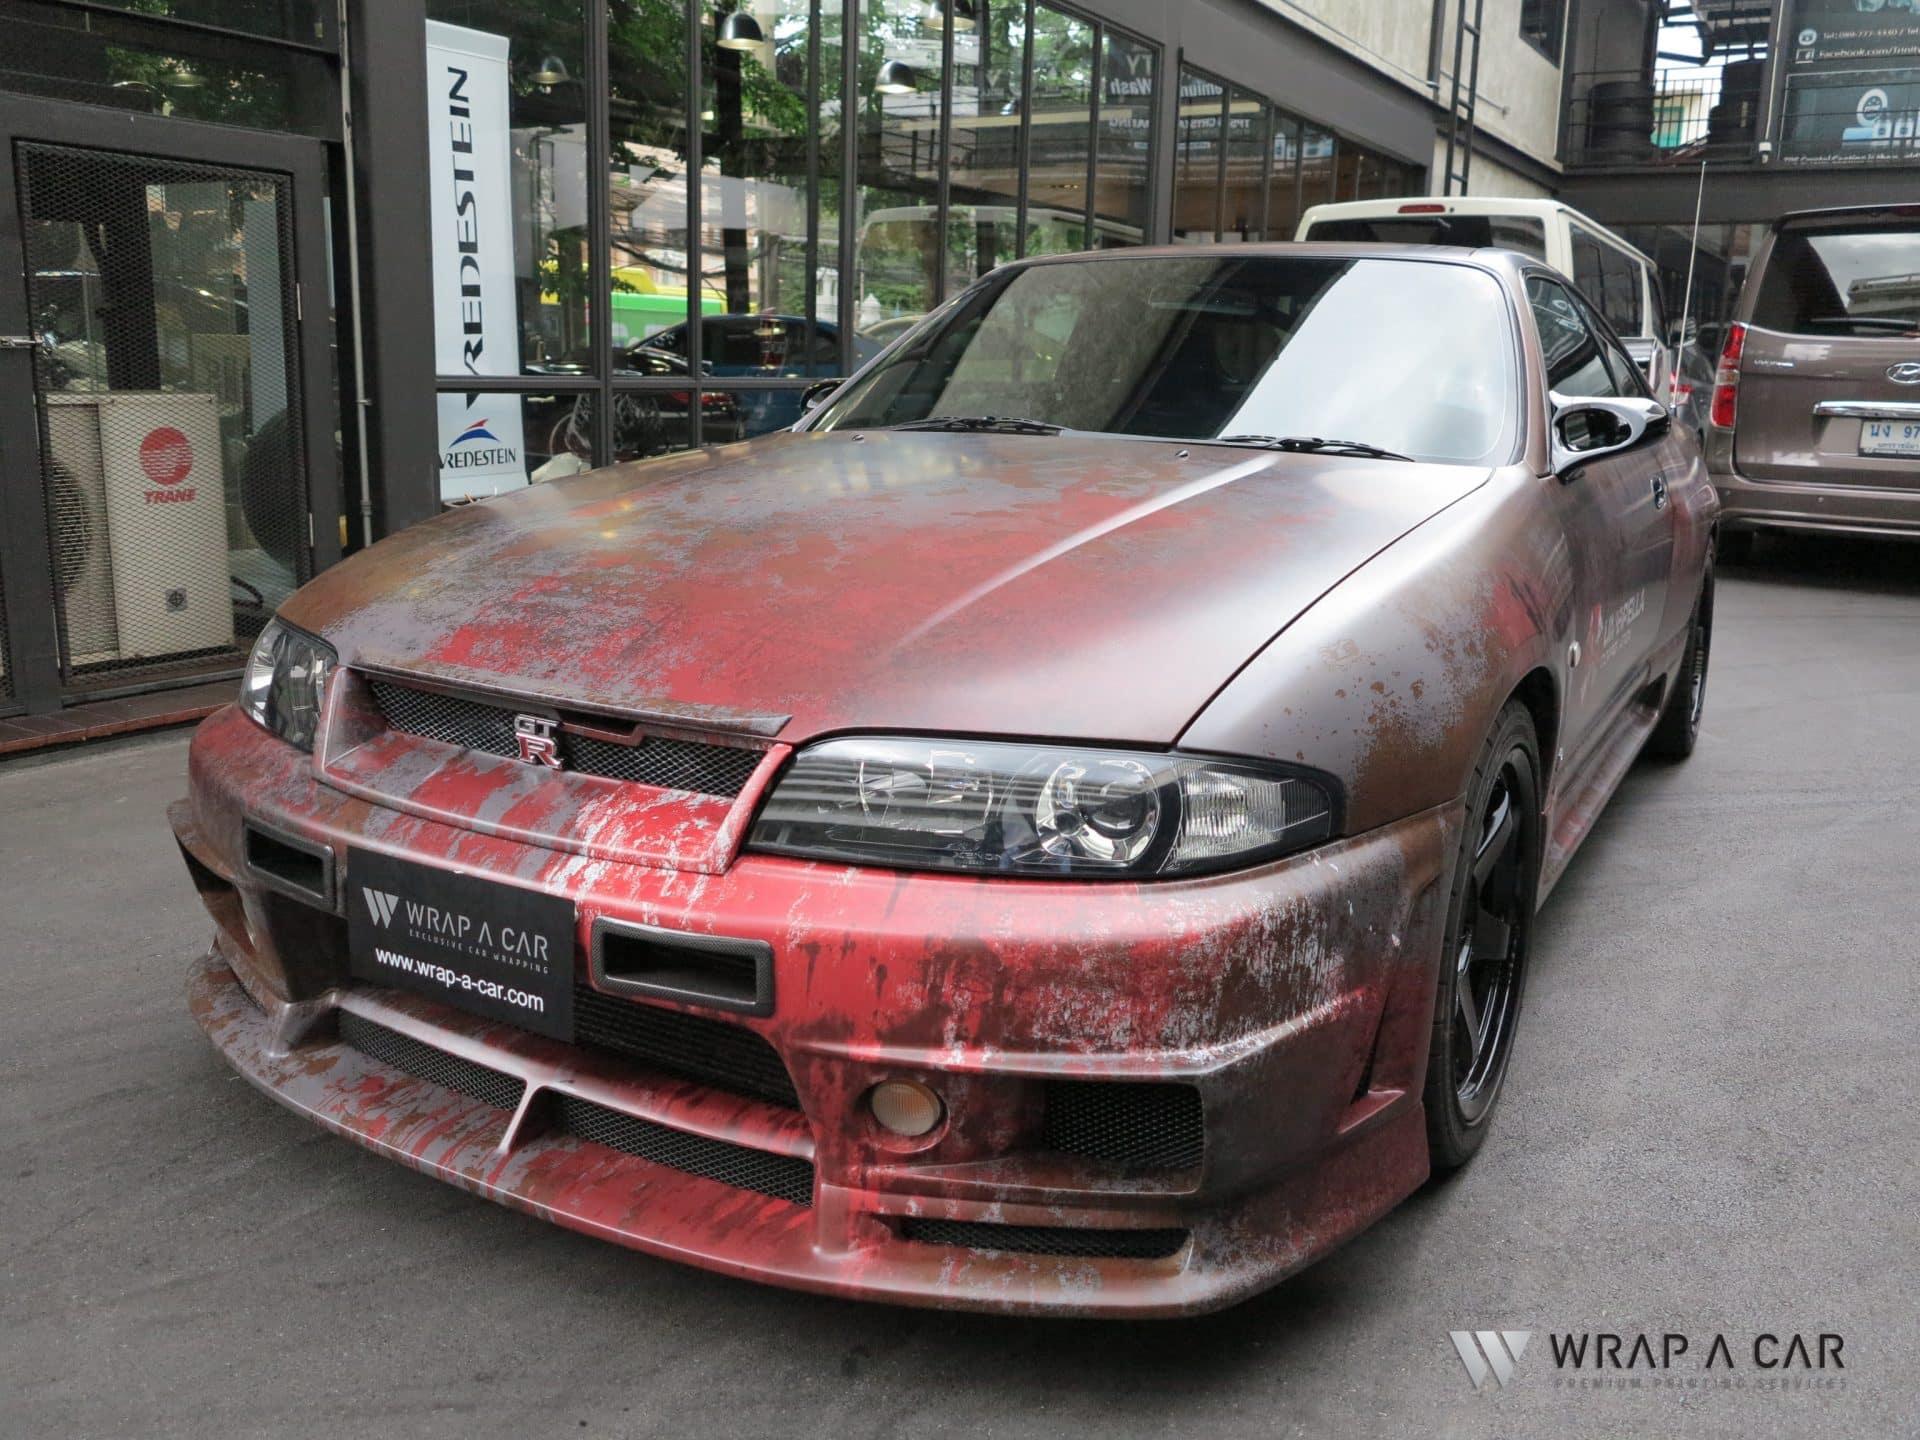 Car Wrap Design Studio